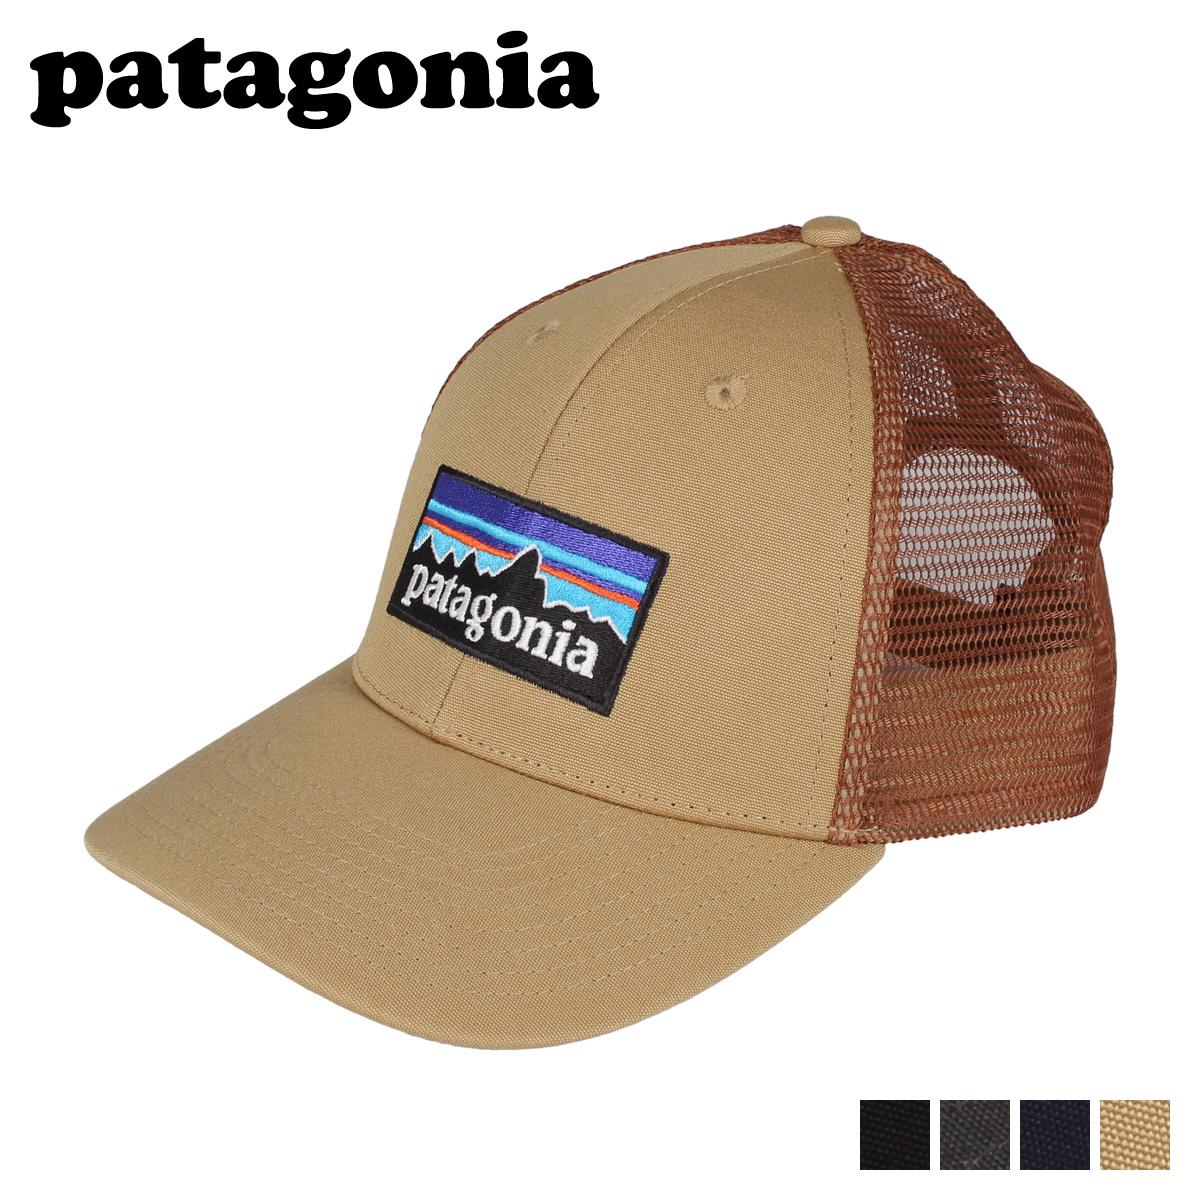 送料無料 あす楽対応 パタゴニア patagonia キャップ 帽子 最大1000円OFFクーポン ロゴ ロープロ 訳あり品送料無料 トラッカー メンズ レディース ベージュ ブラック TRUCKER ネイビー 新着 グレー LOPRO HAT P-6 LOGO 黒 38283